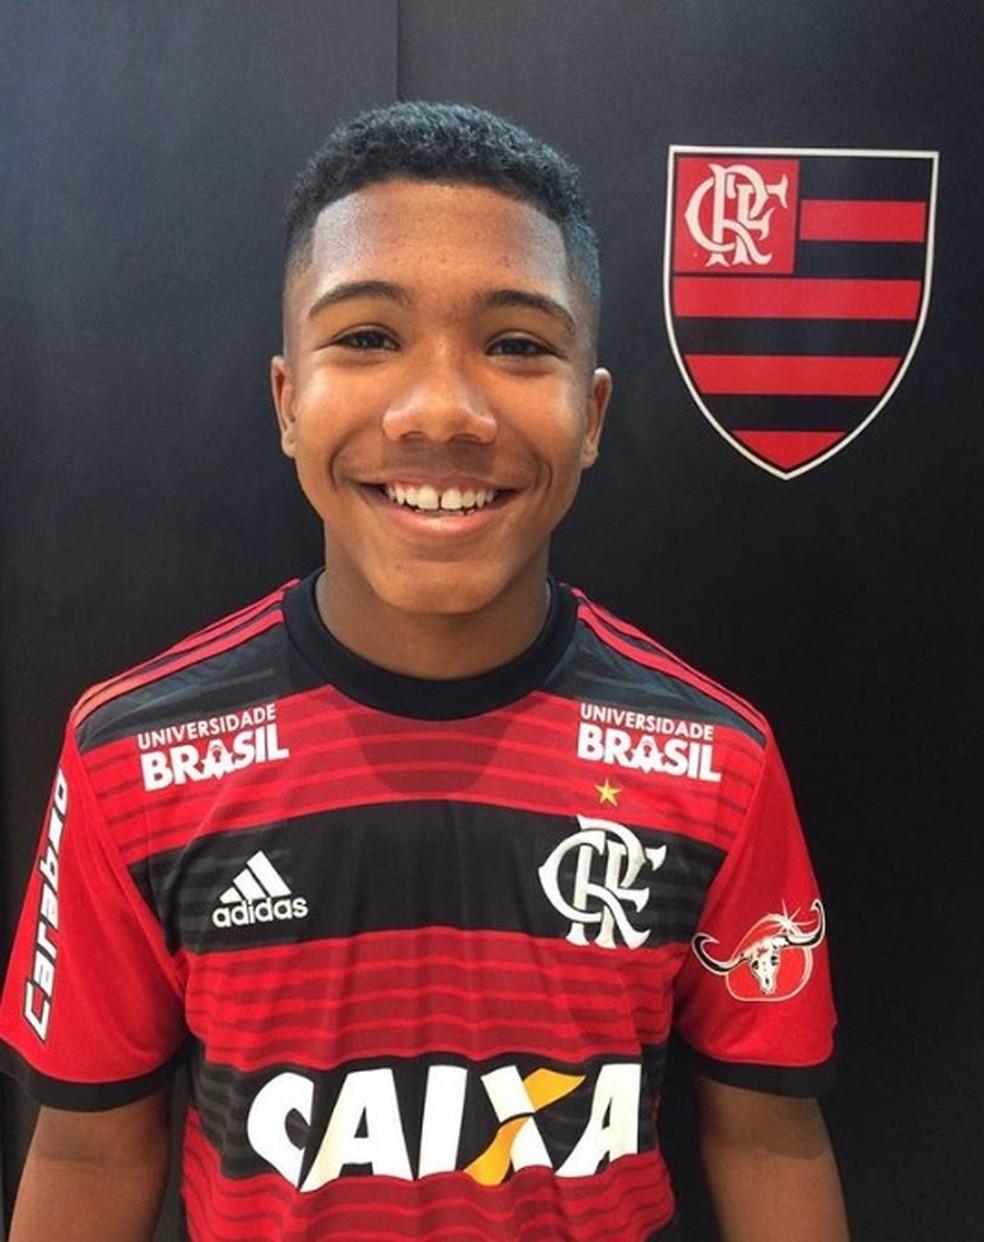 Victor Isaías, uma das vítimas do incêndio no CT do Flamengo — Foto: Reprodução/Instagram